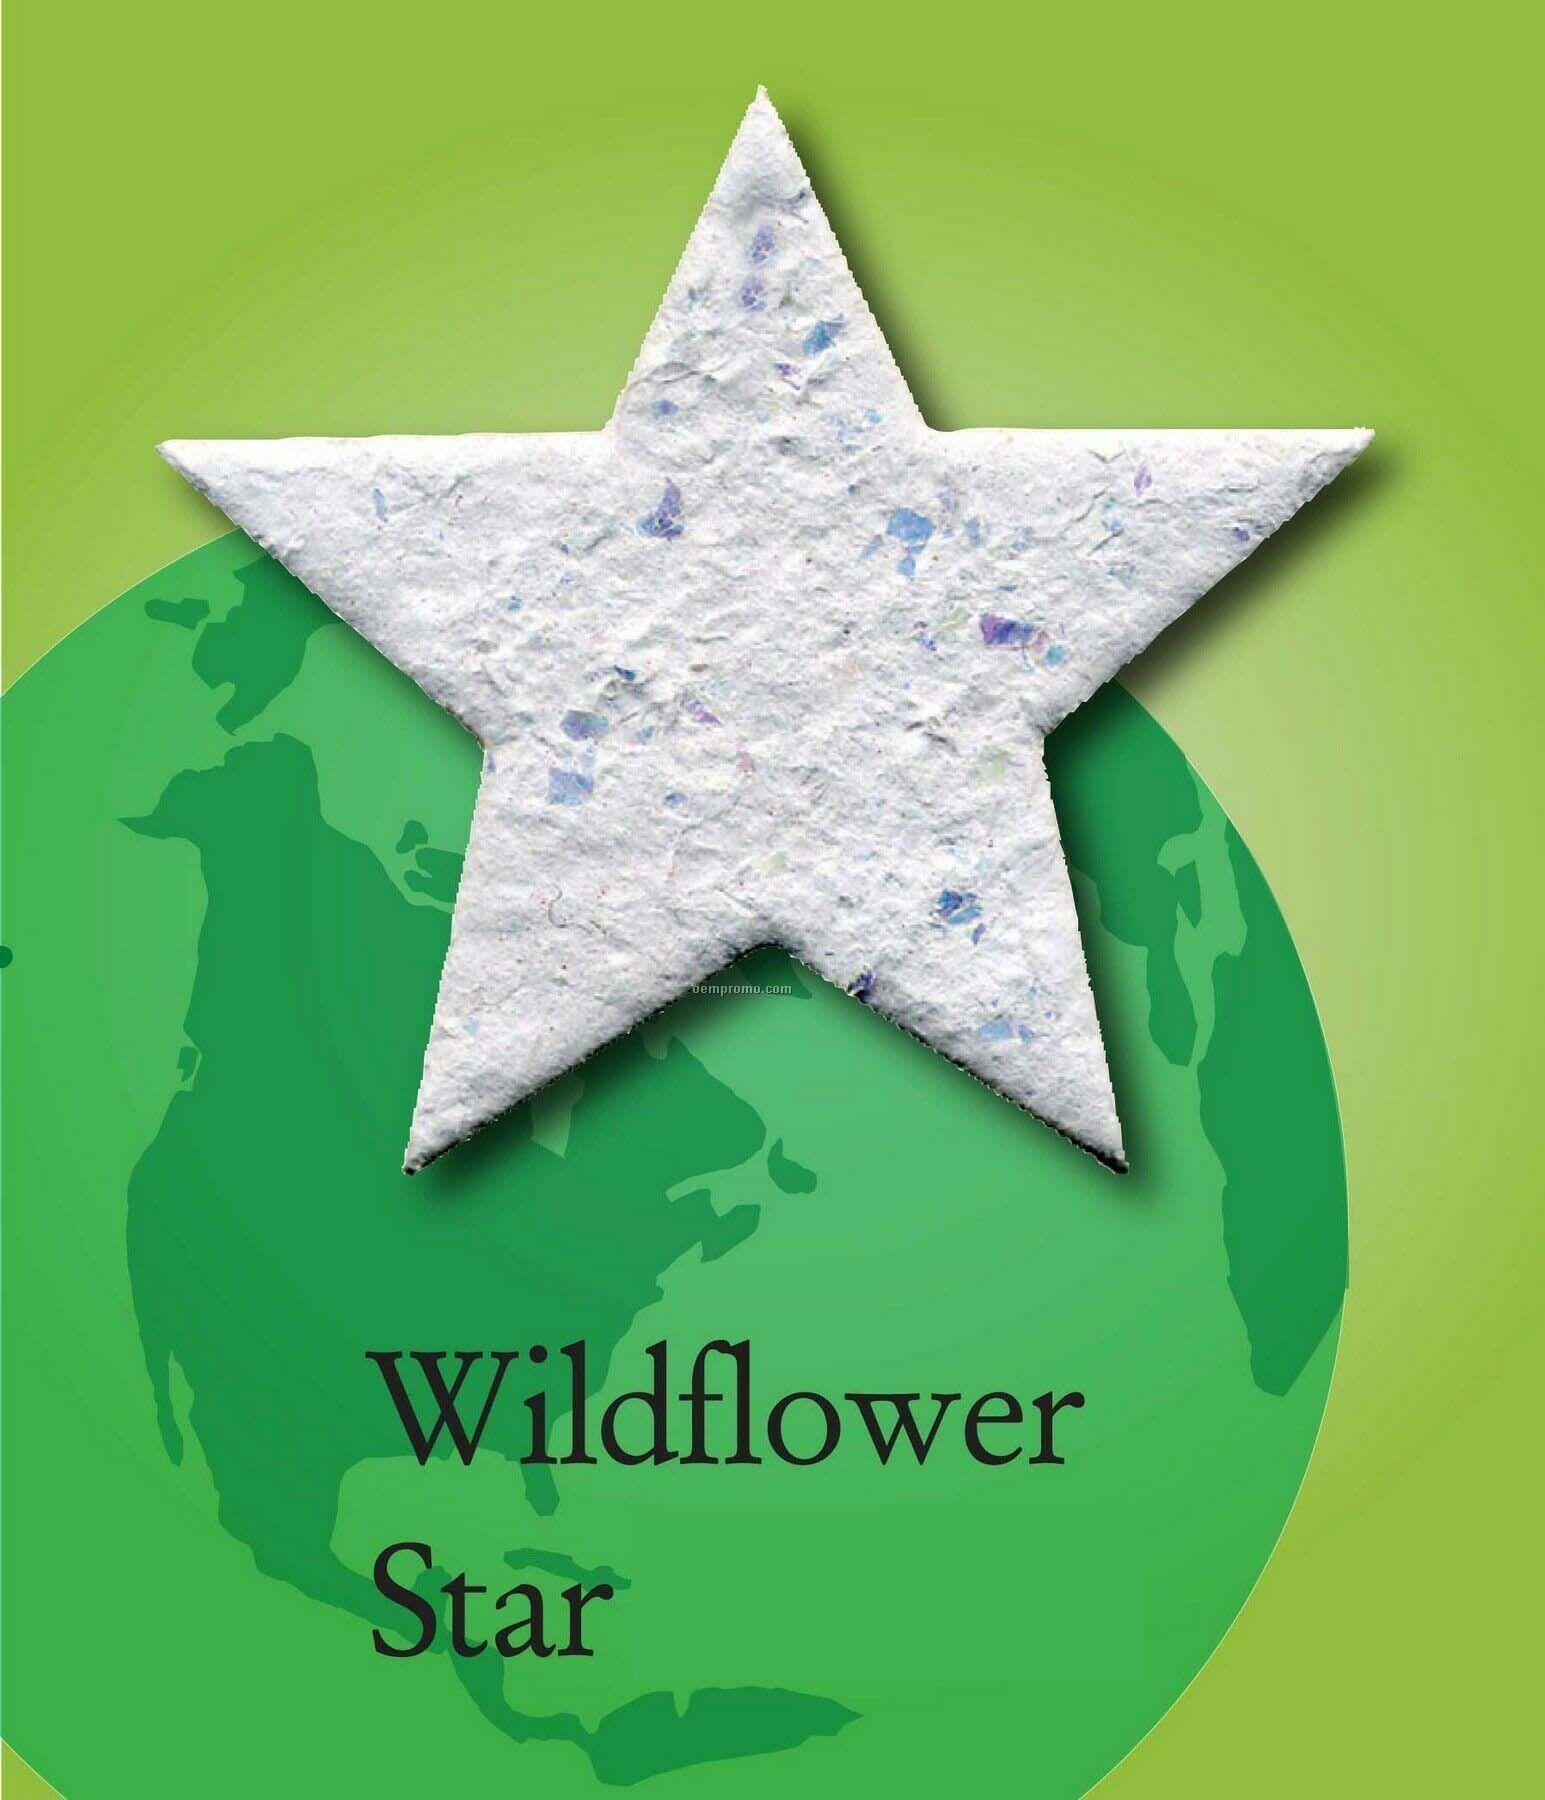 Wildflower Star Handmade Seed Plantable Mini